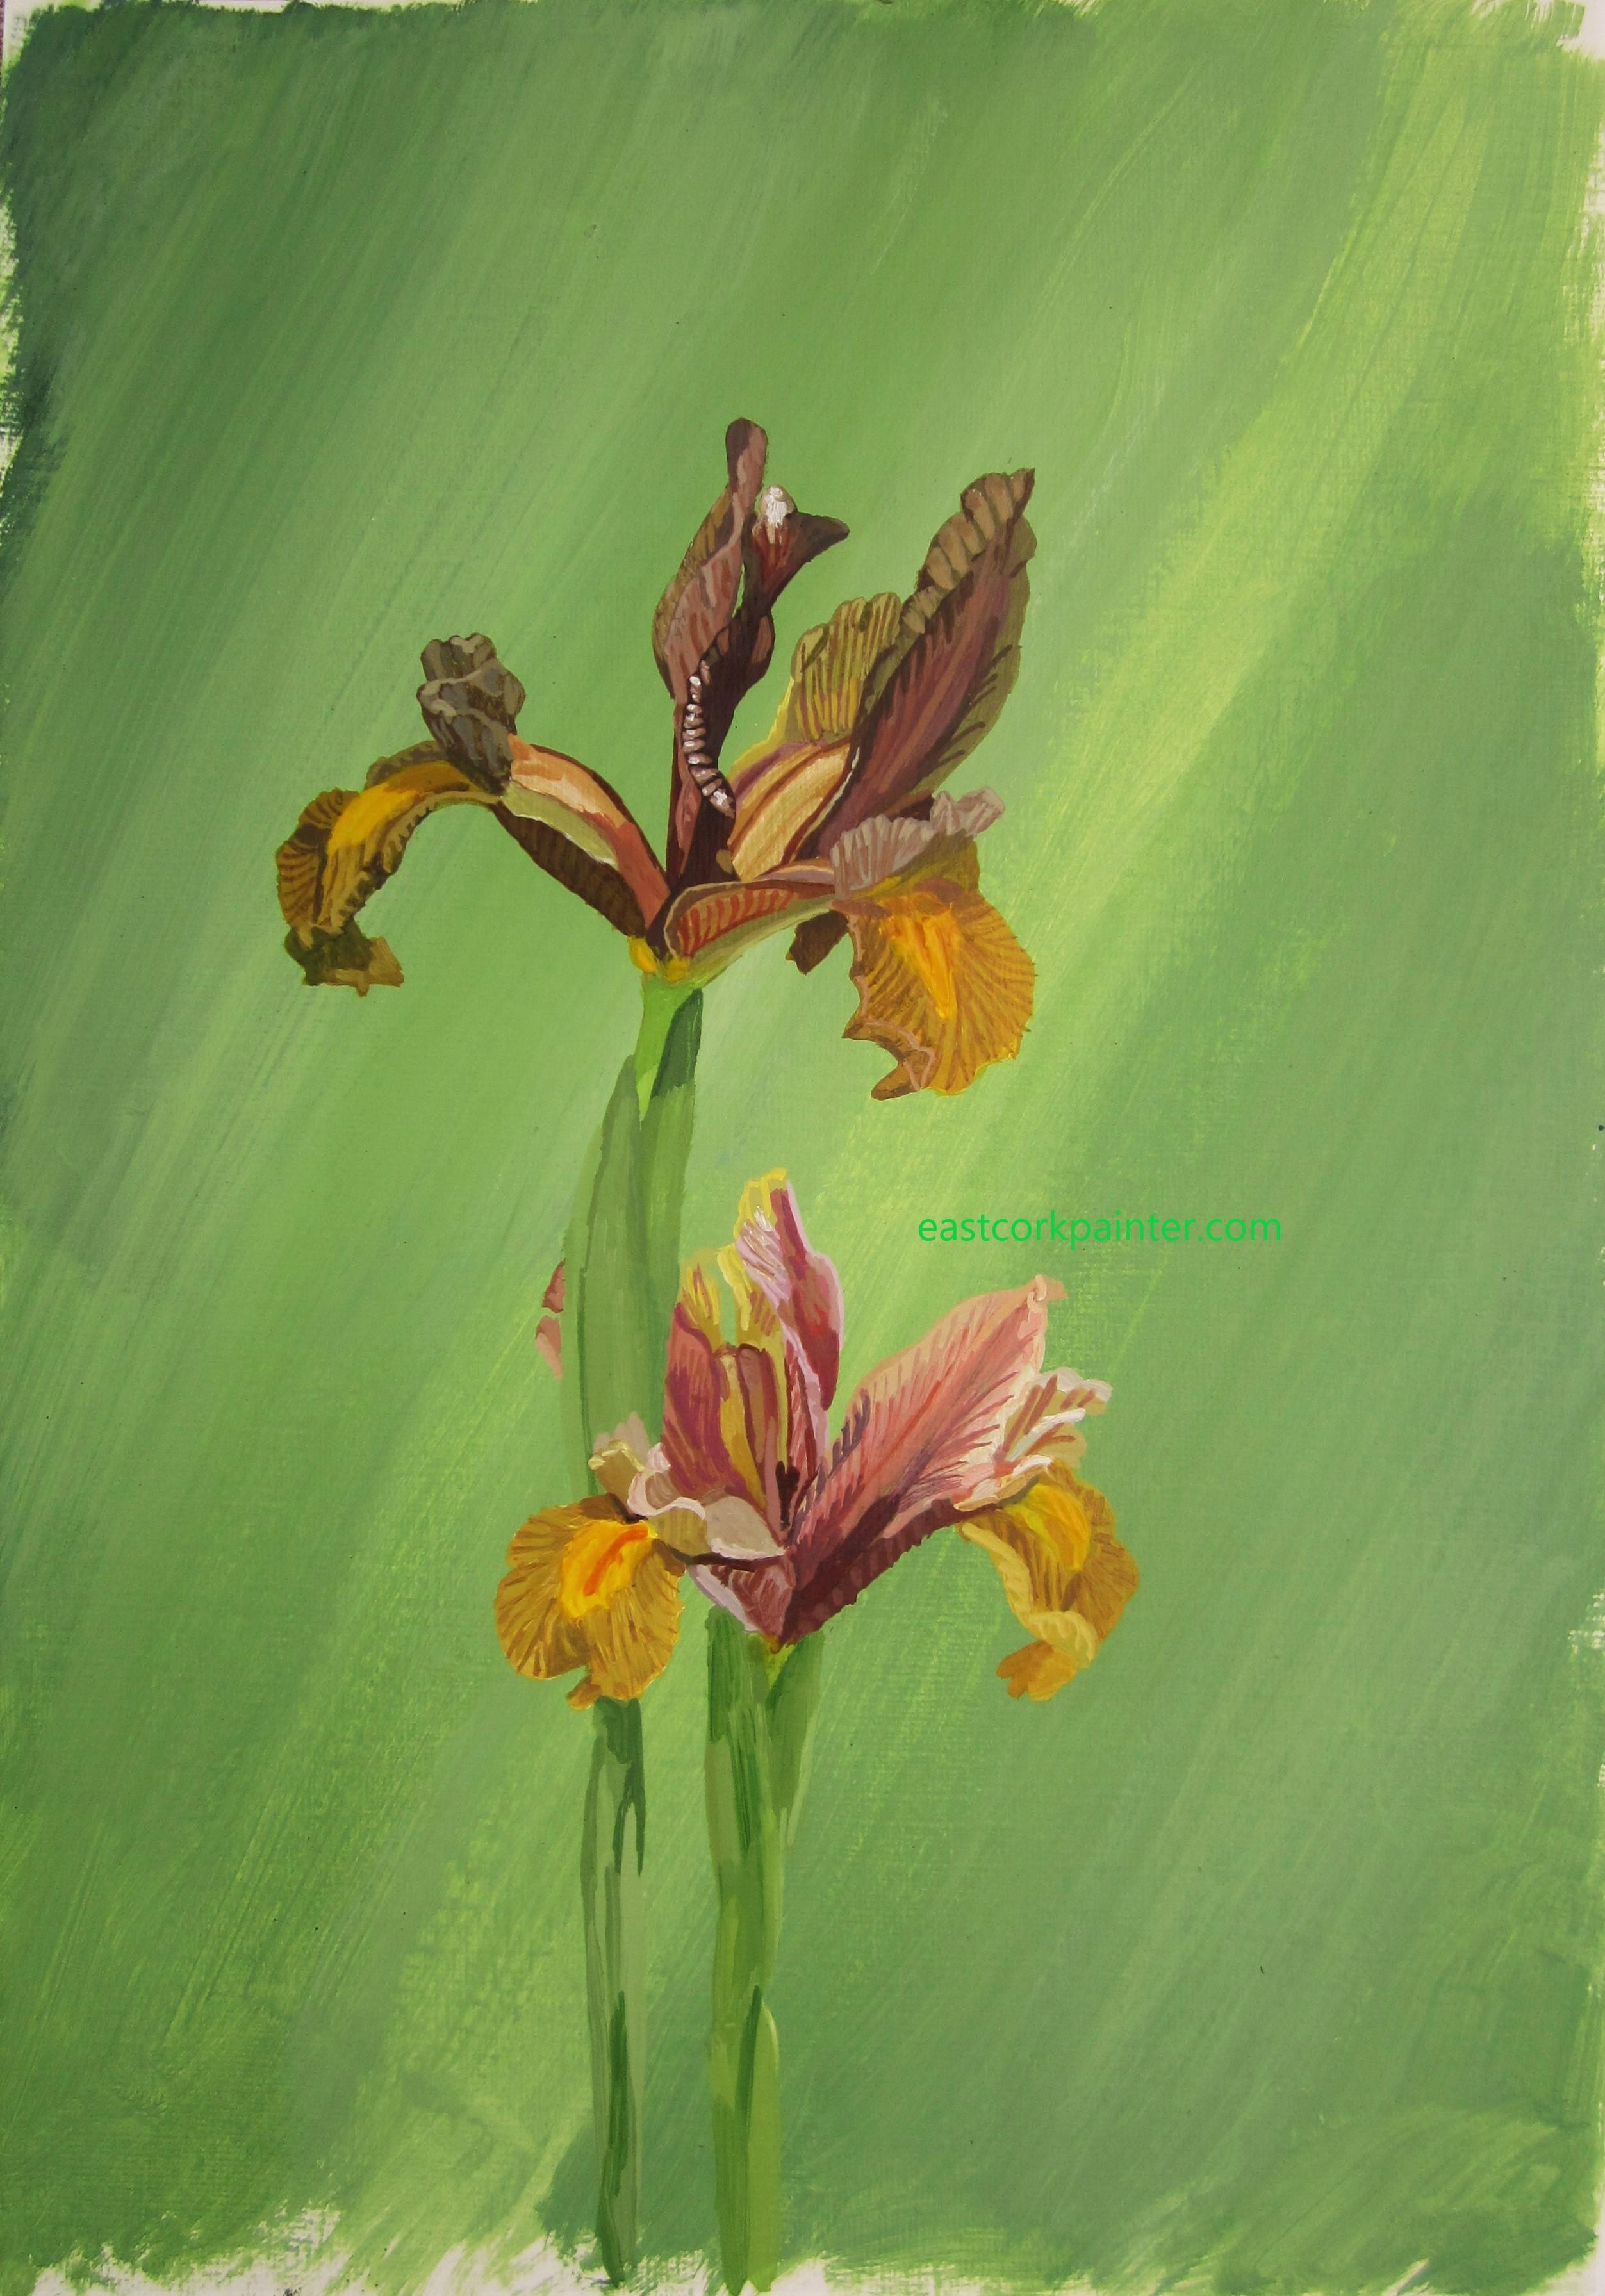 Two Mustard Coloured Irises watermark